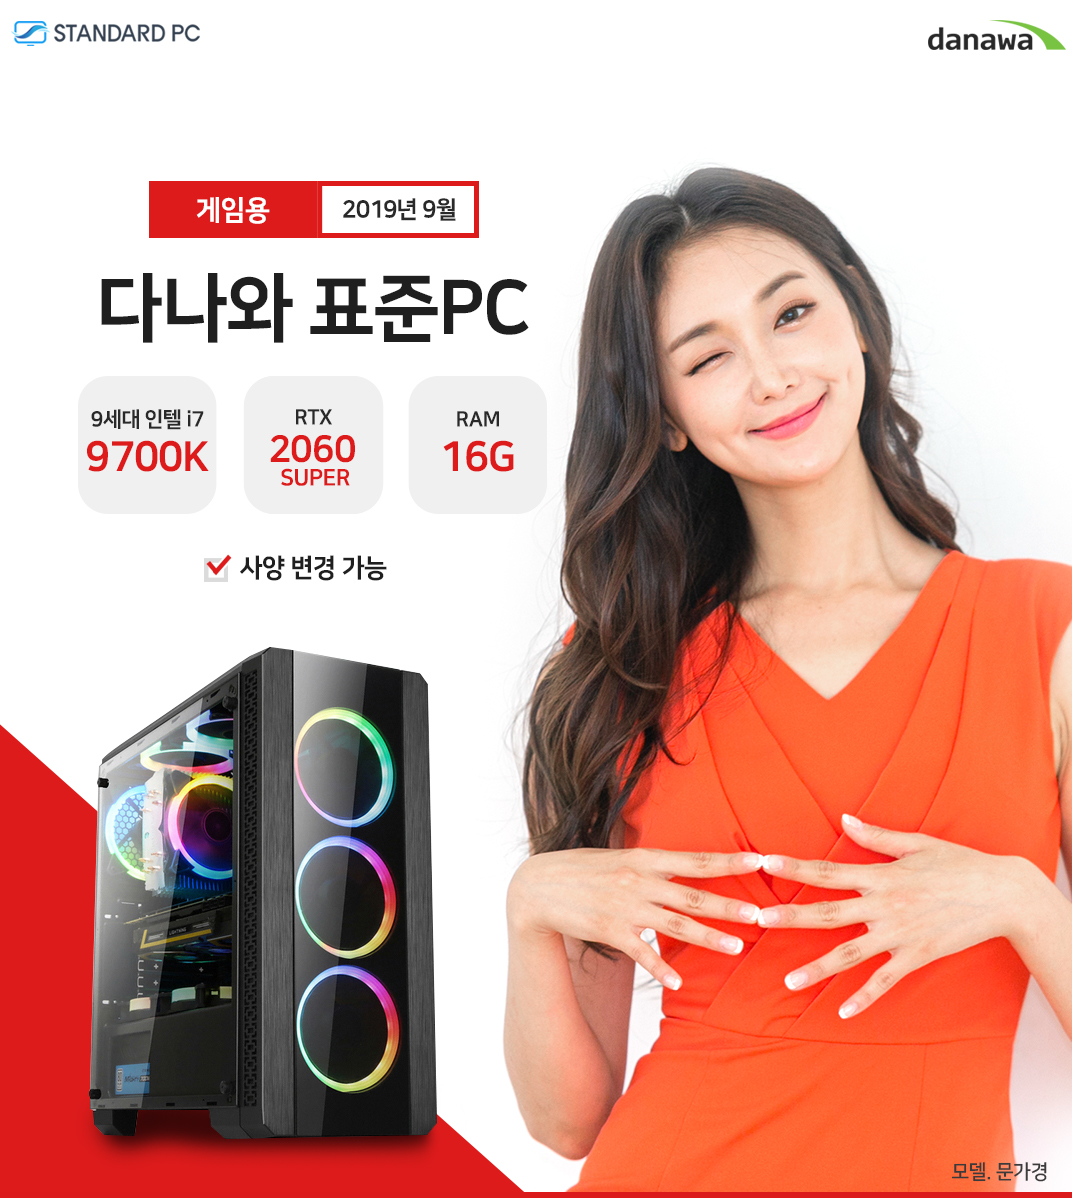 2019년 9월 다나와 표준PC 게이밍용  인텔 코어 i7-9세대 9700K RTX2060 SUPER RAM 16G 모델 문가경